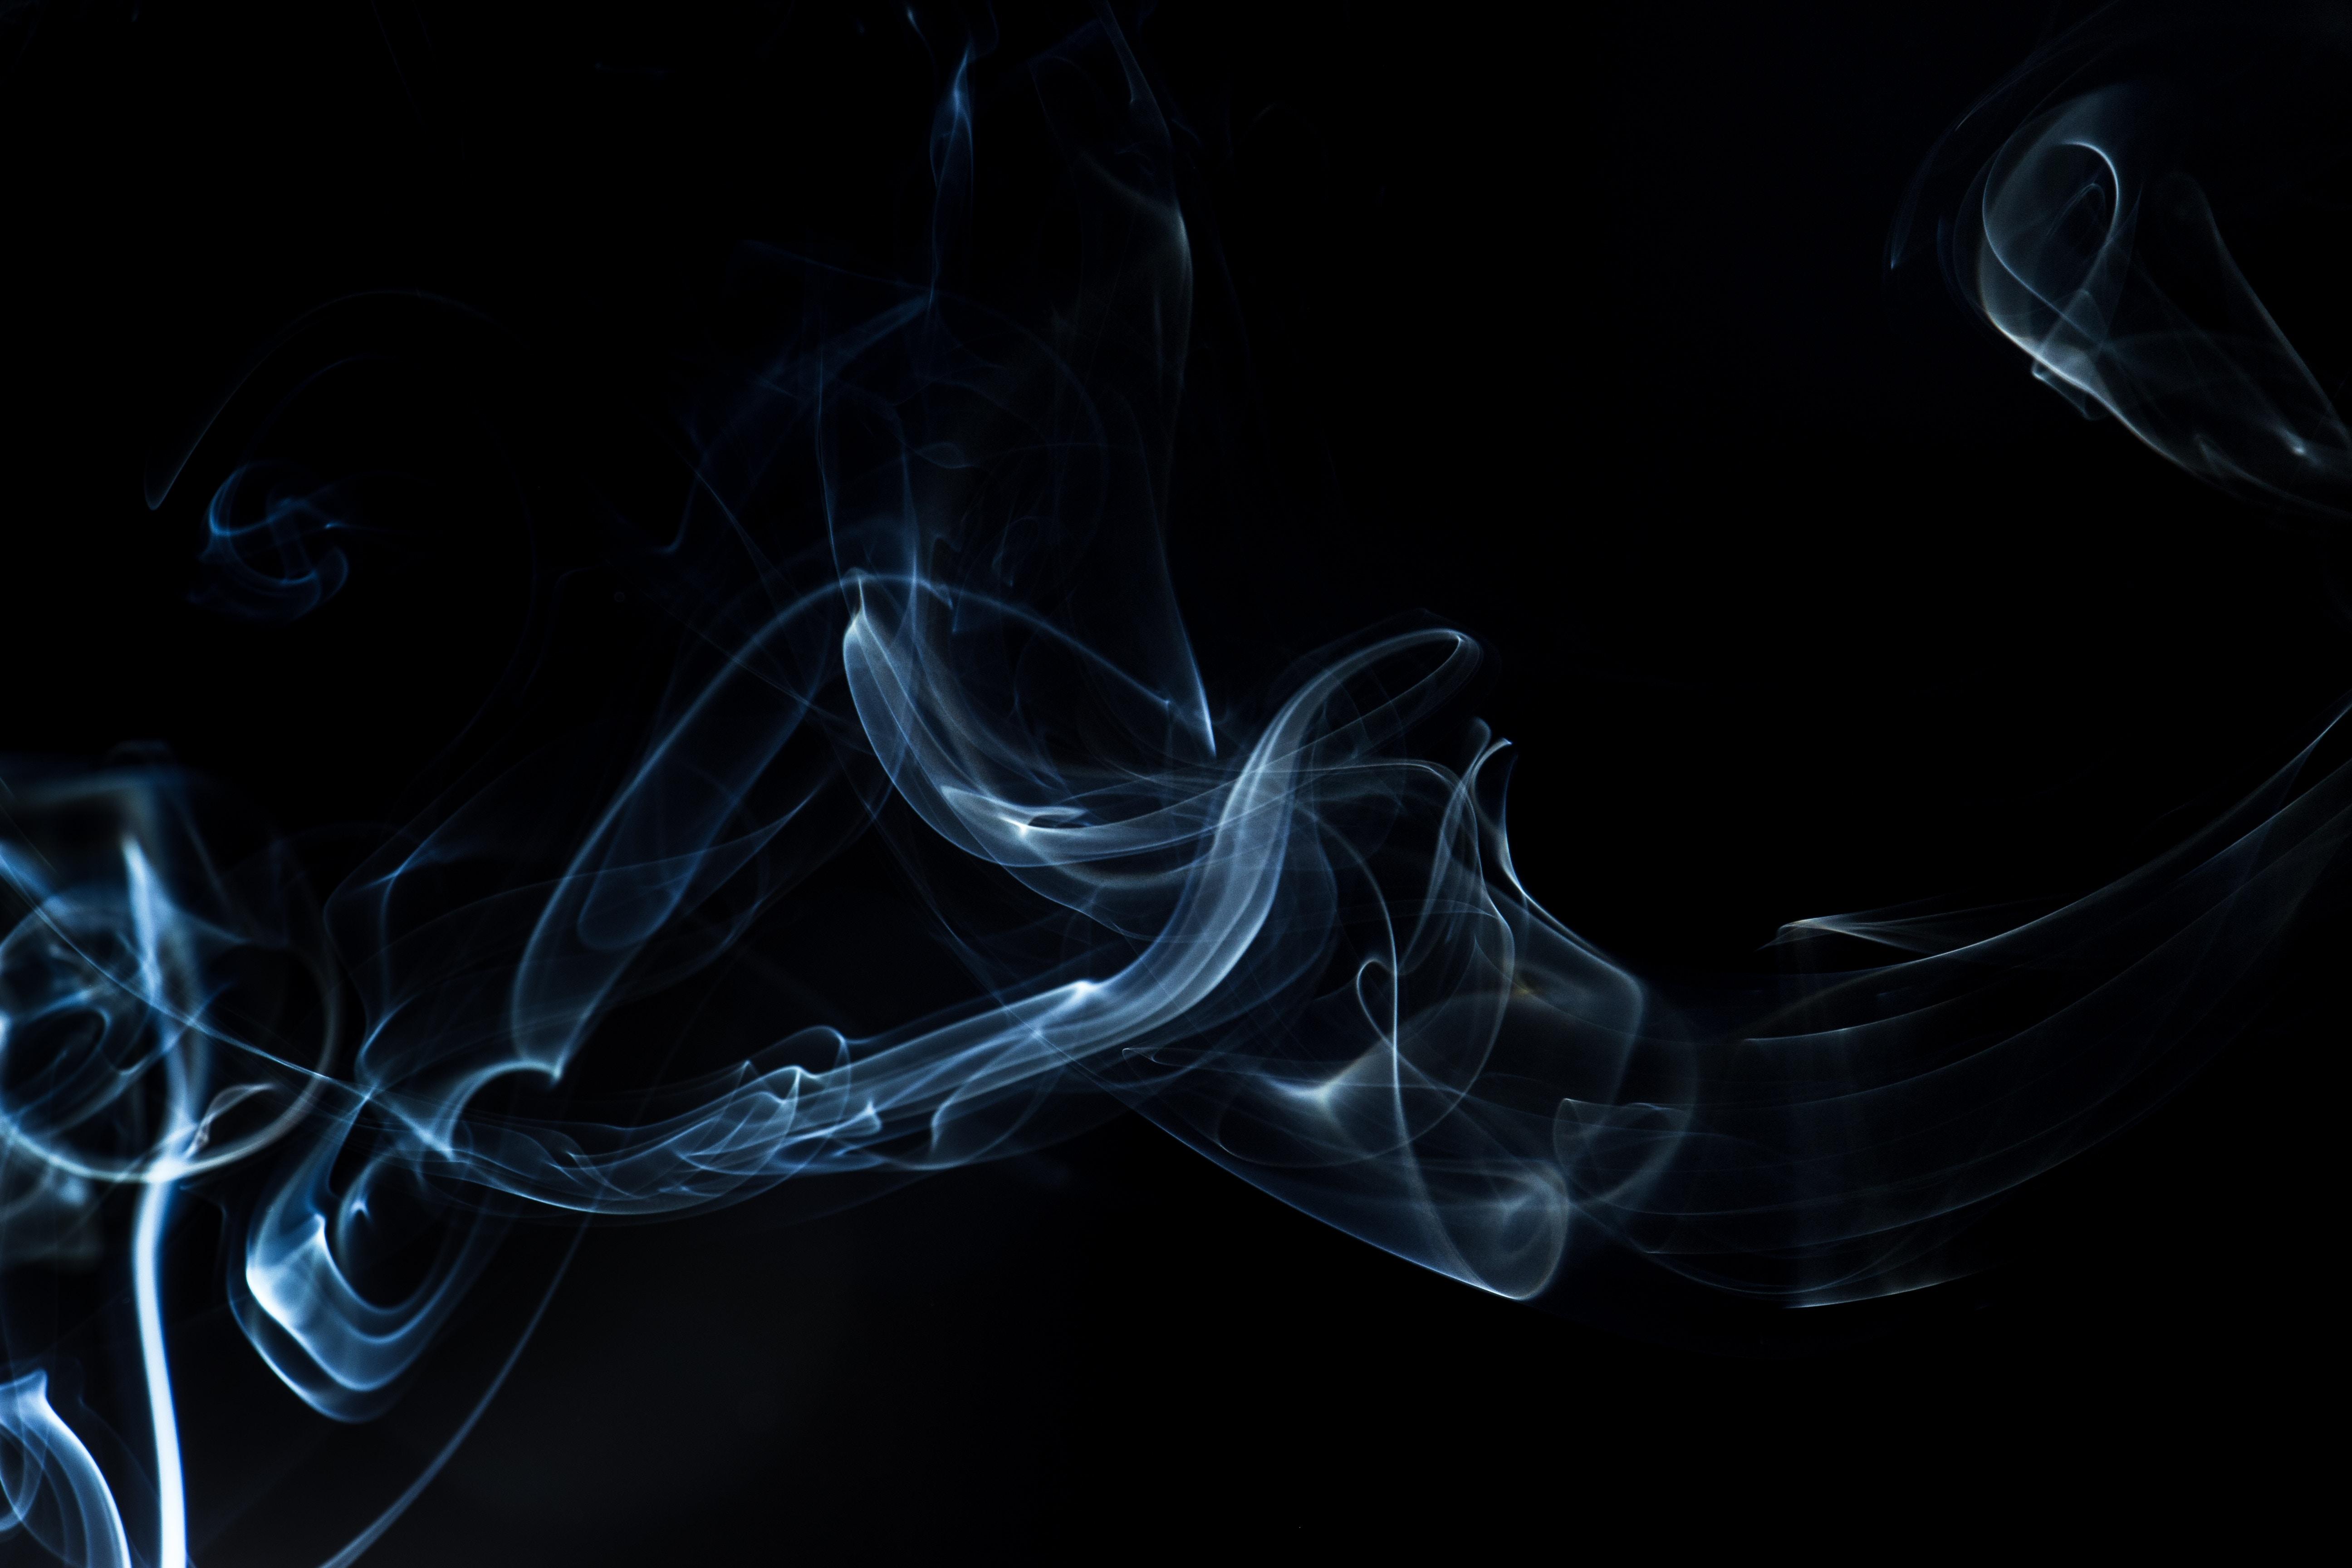 119116 Заставки и Обои Дым на телефон. Скачать Темные, Дым, Темный Фон, Форма, Пелена картинки бесплатно